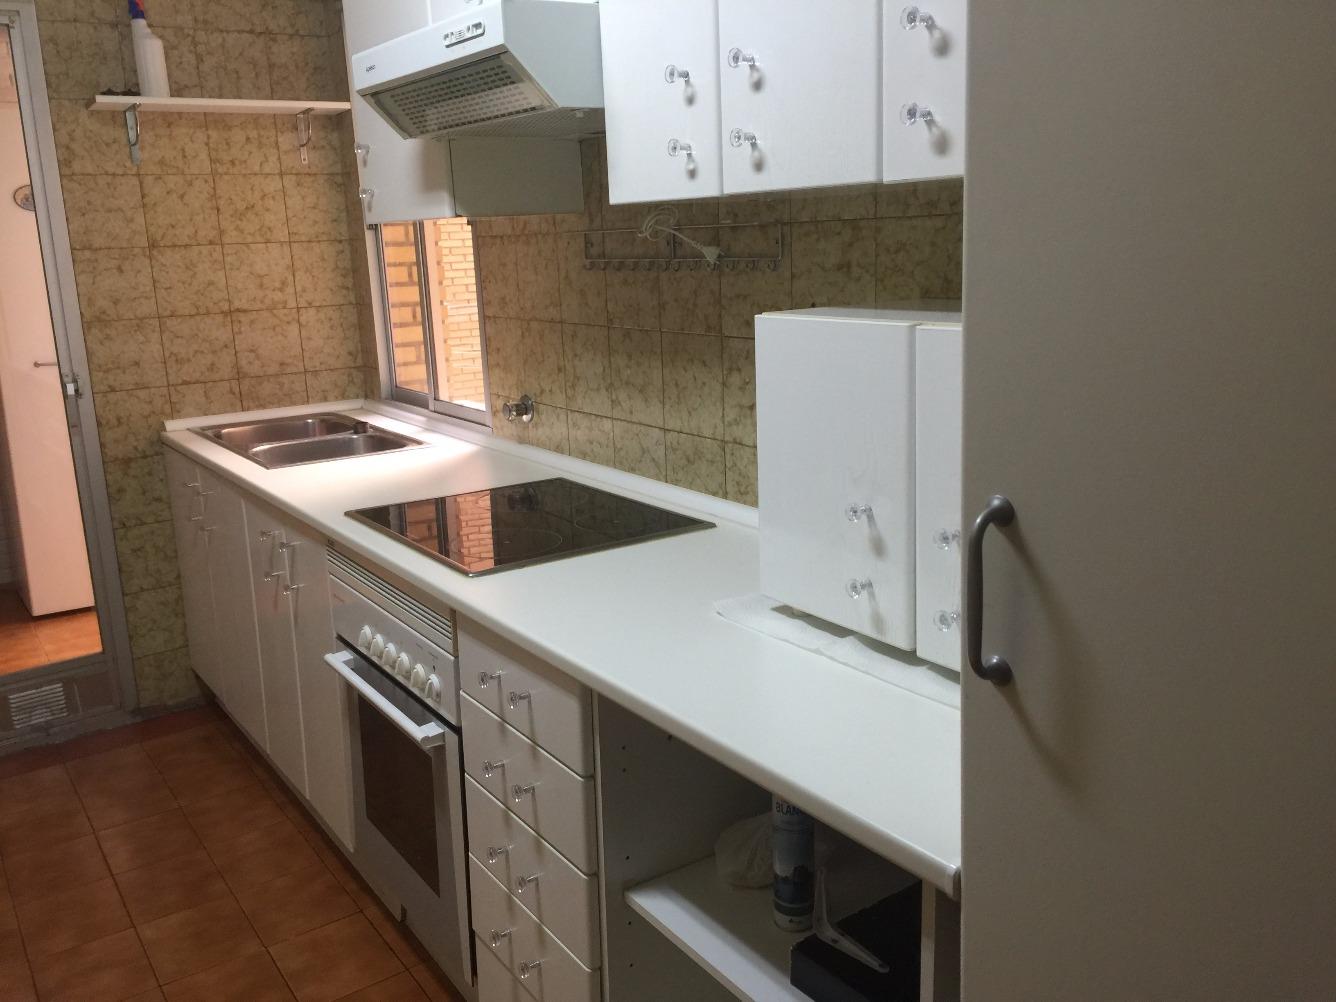 Muebles Cocina Segunda Mano Vizcaya : Muebles de cocina segunda mano las palmas azarak